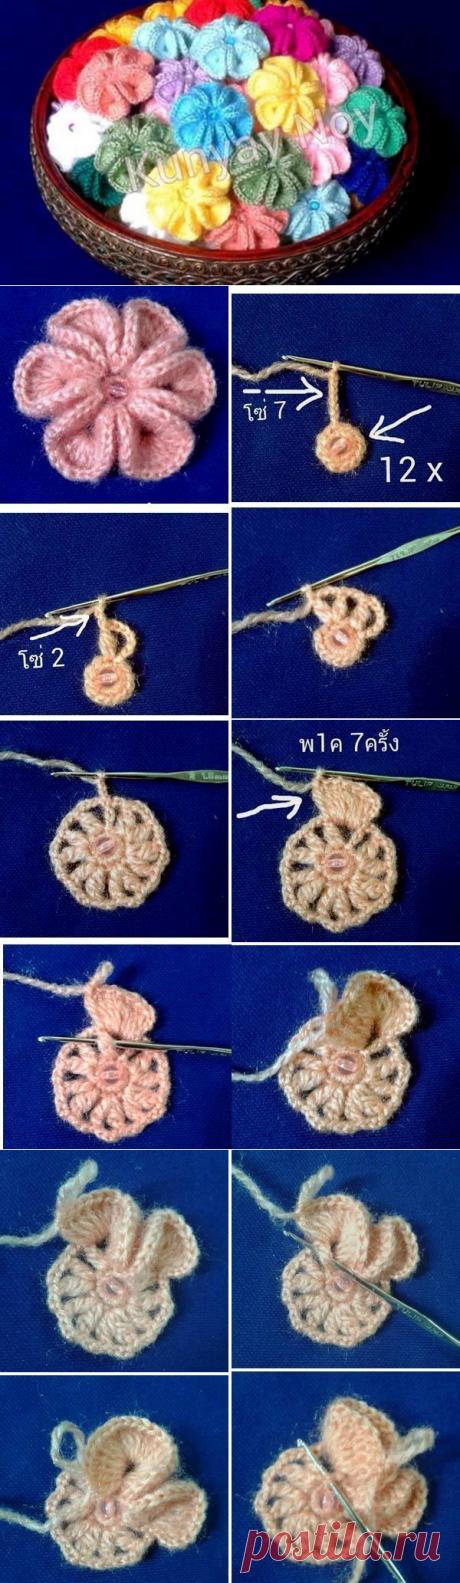 Объемный цветок крючком — DIYIdeas